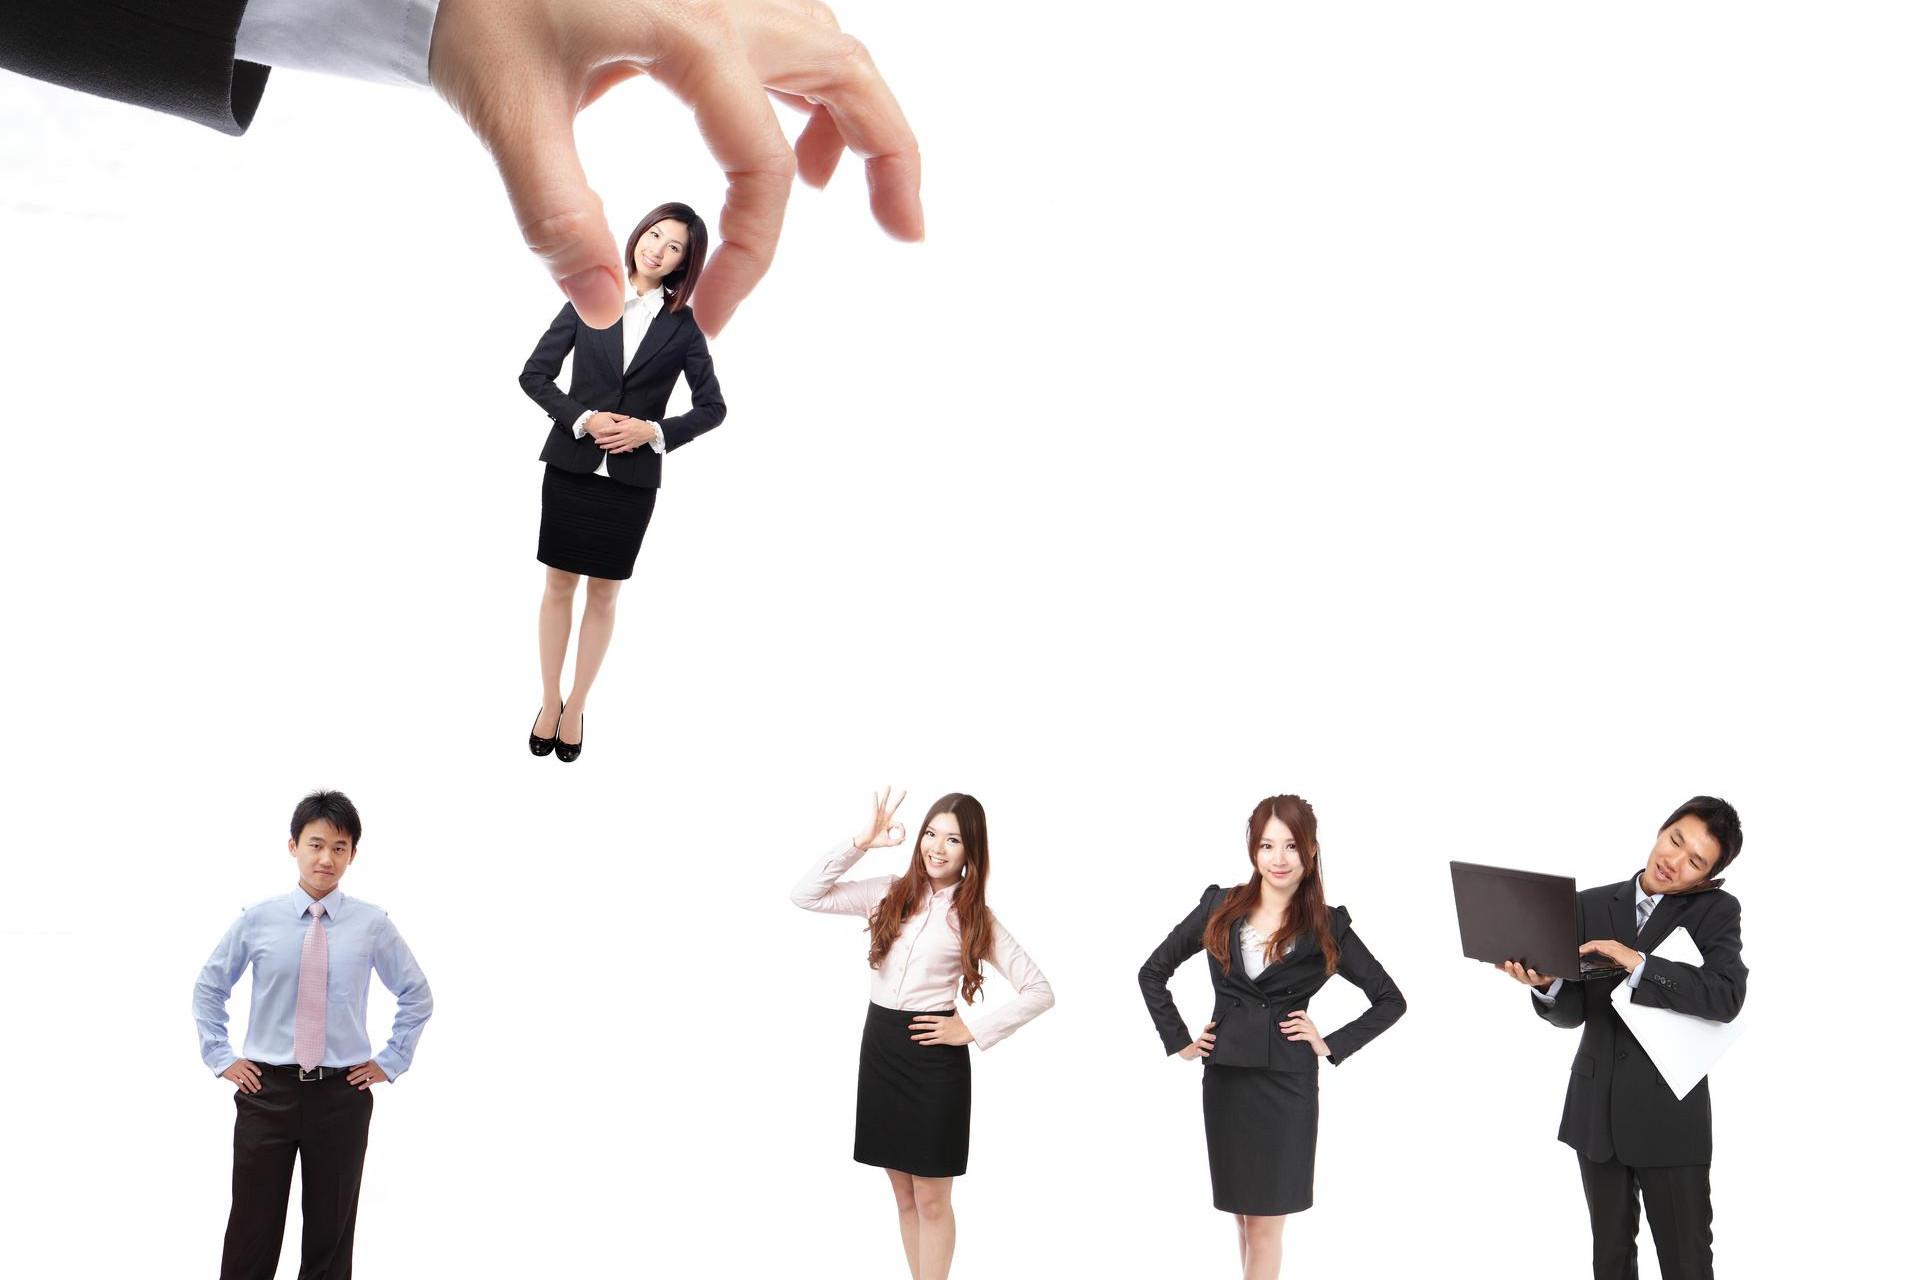 【海外工作系列】日商面試主管「對話的投接球」,你接的住嗎?